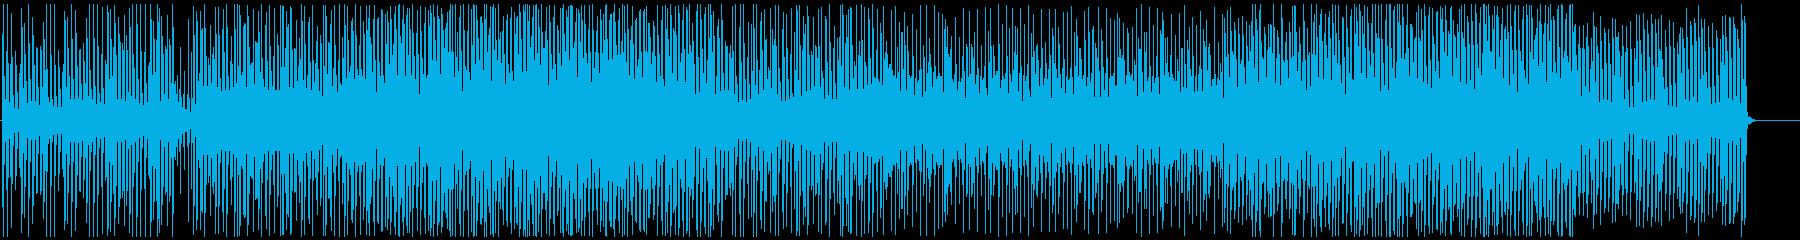 軽快-商品紹介-トーク-ラテンエレクトロの再生済みの波形